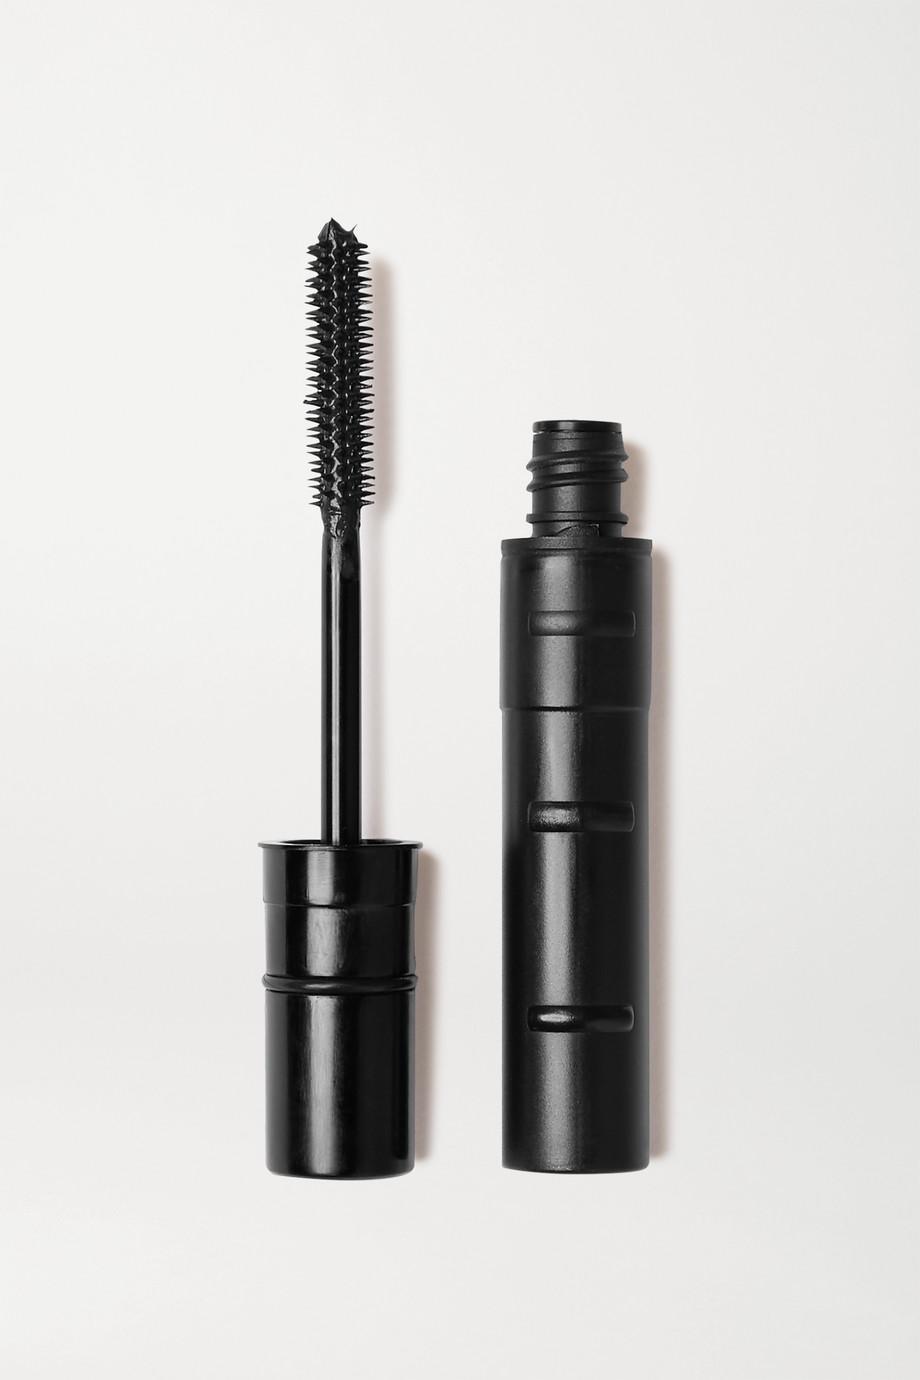 Kjaer Weis Lengthening Mascara Refill, 5,4 ml – Mascara-Nachfüllpackung